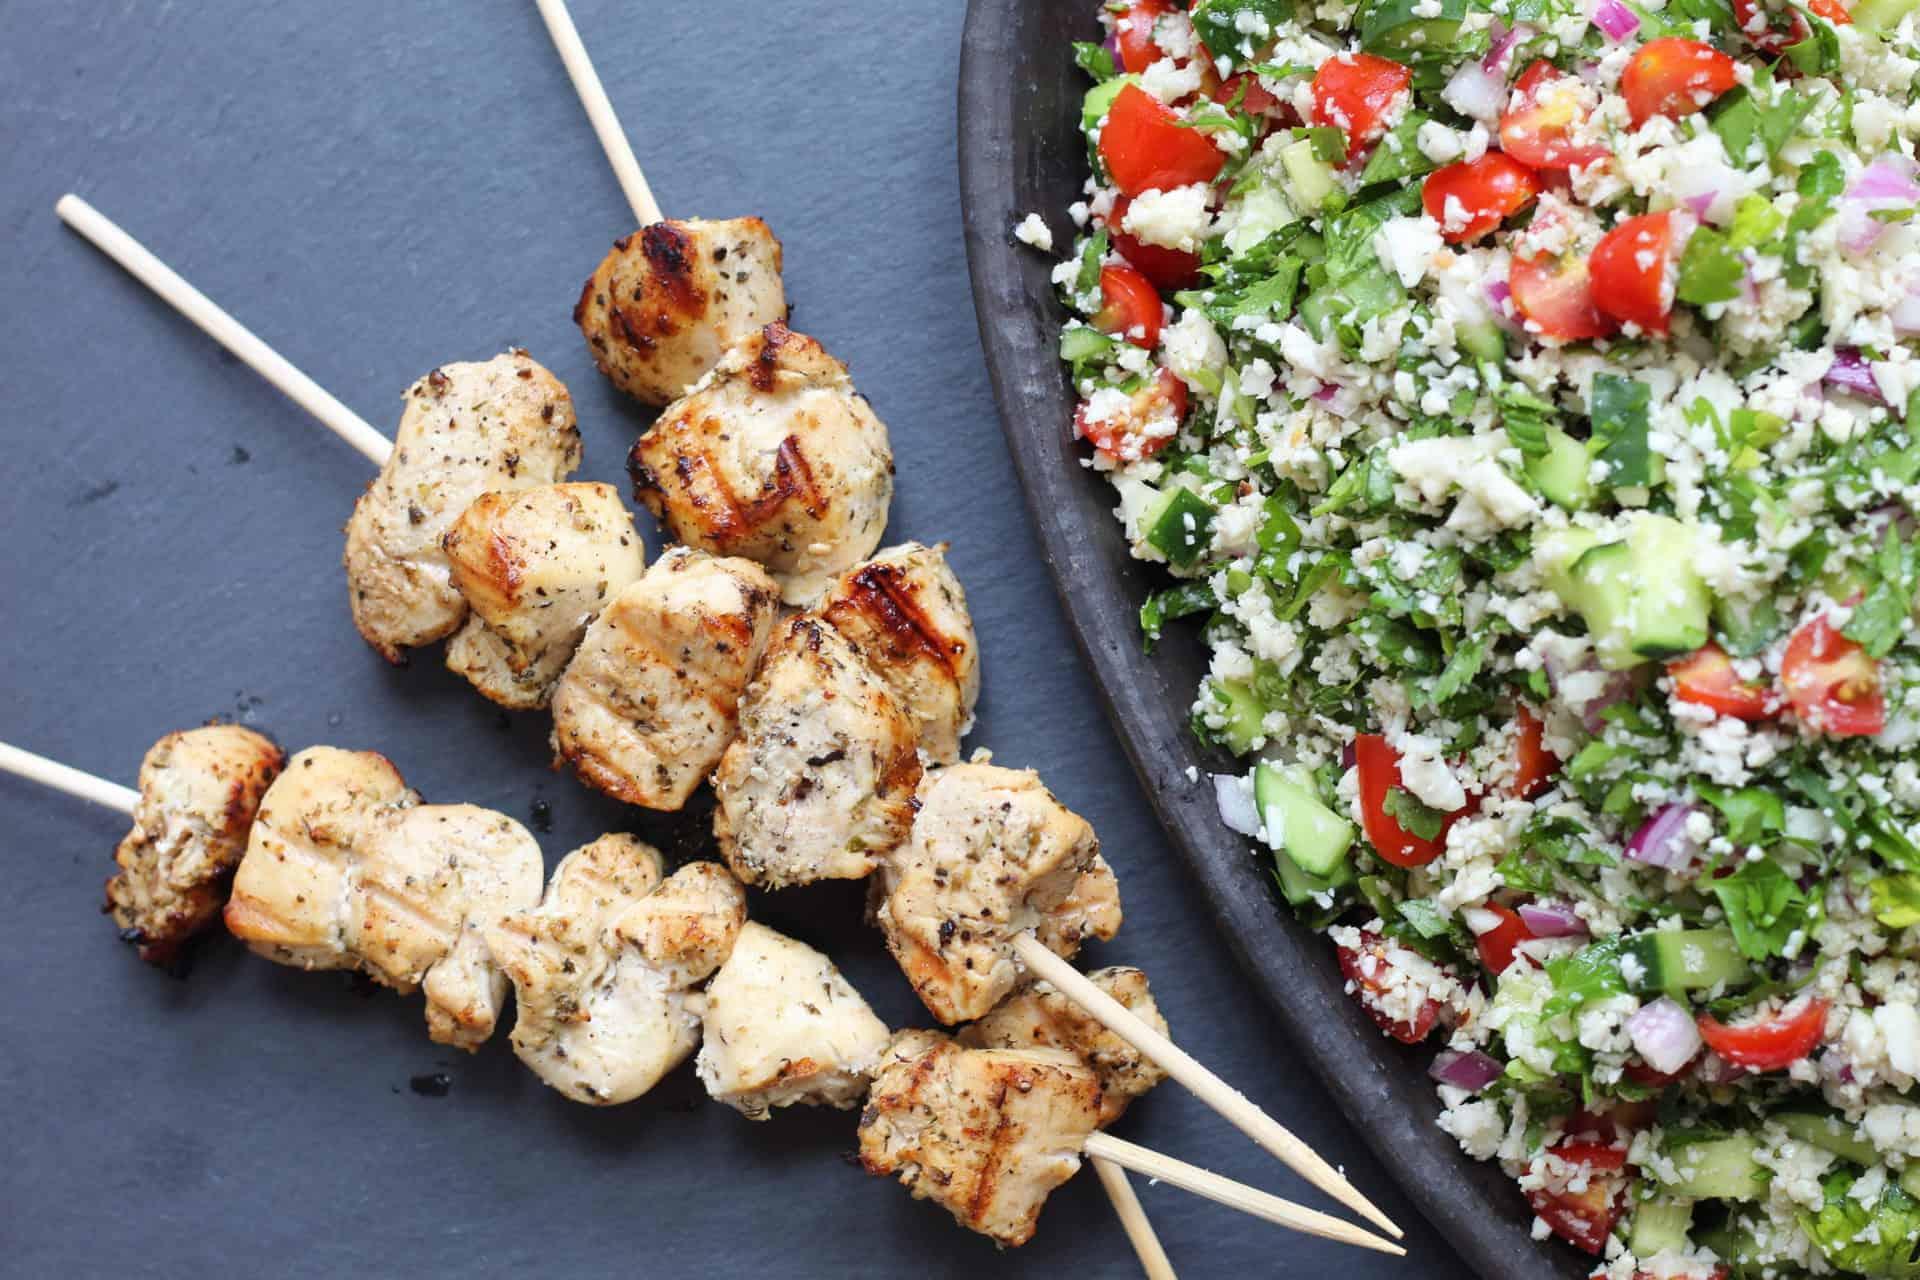 lemony chicken kebobs over cauliflower tabbouleh